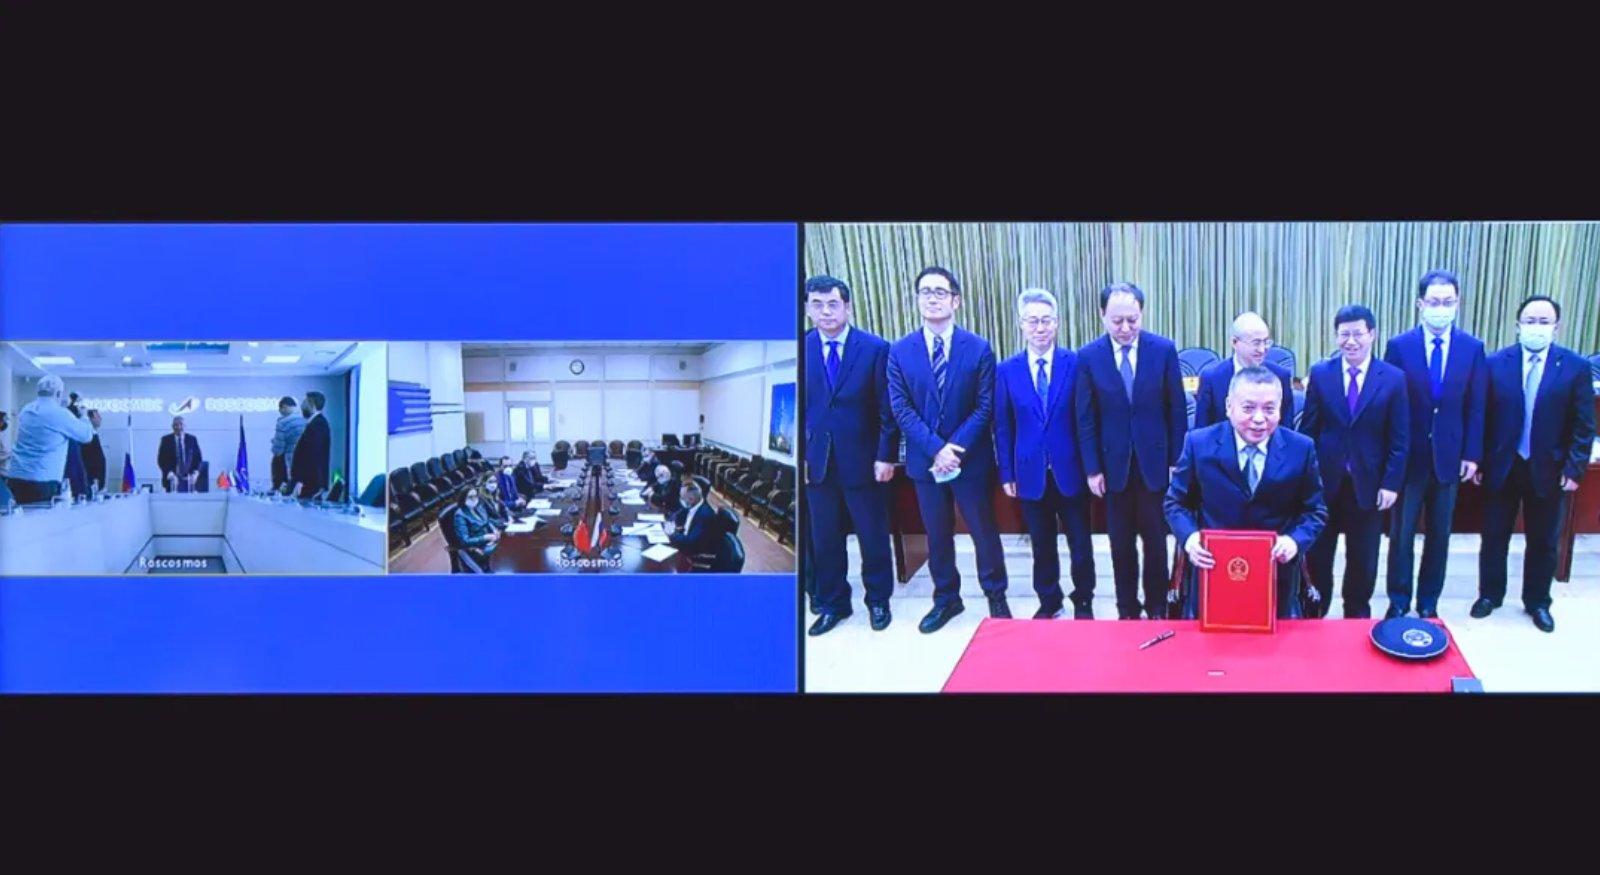 Sulla sinistra, la delegazione di Roscosmos, sulla destra, quella della China National Space Administration. Credits: Roscosmos.